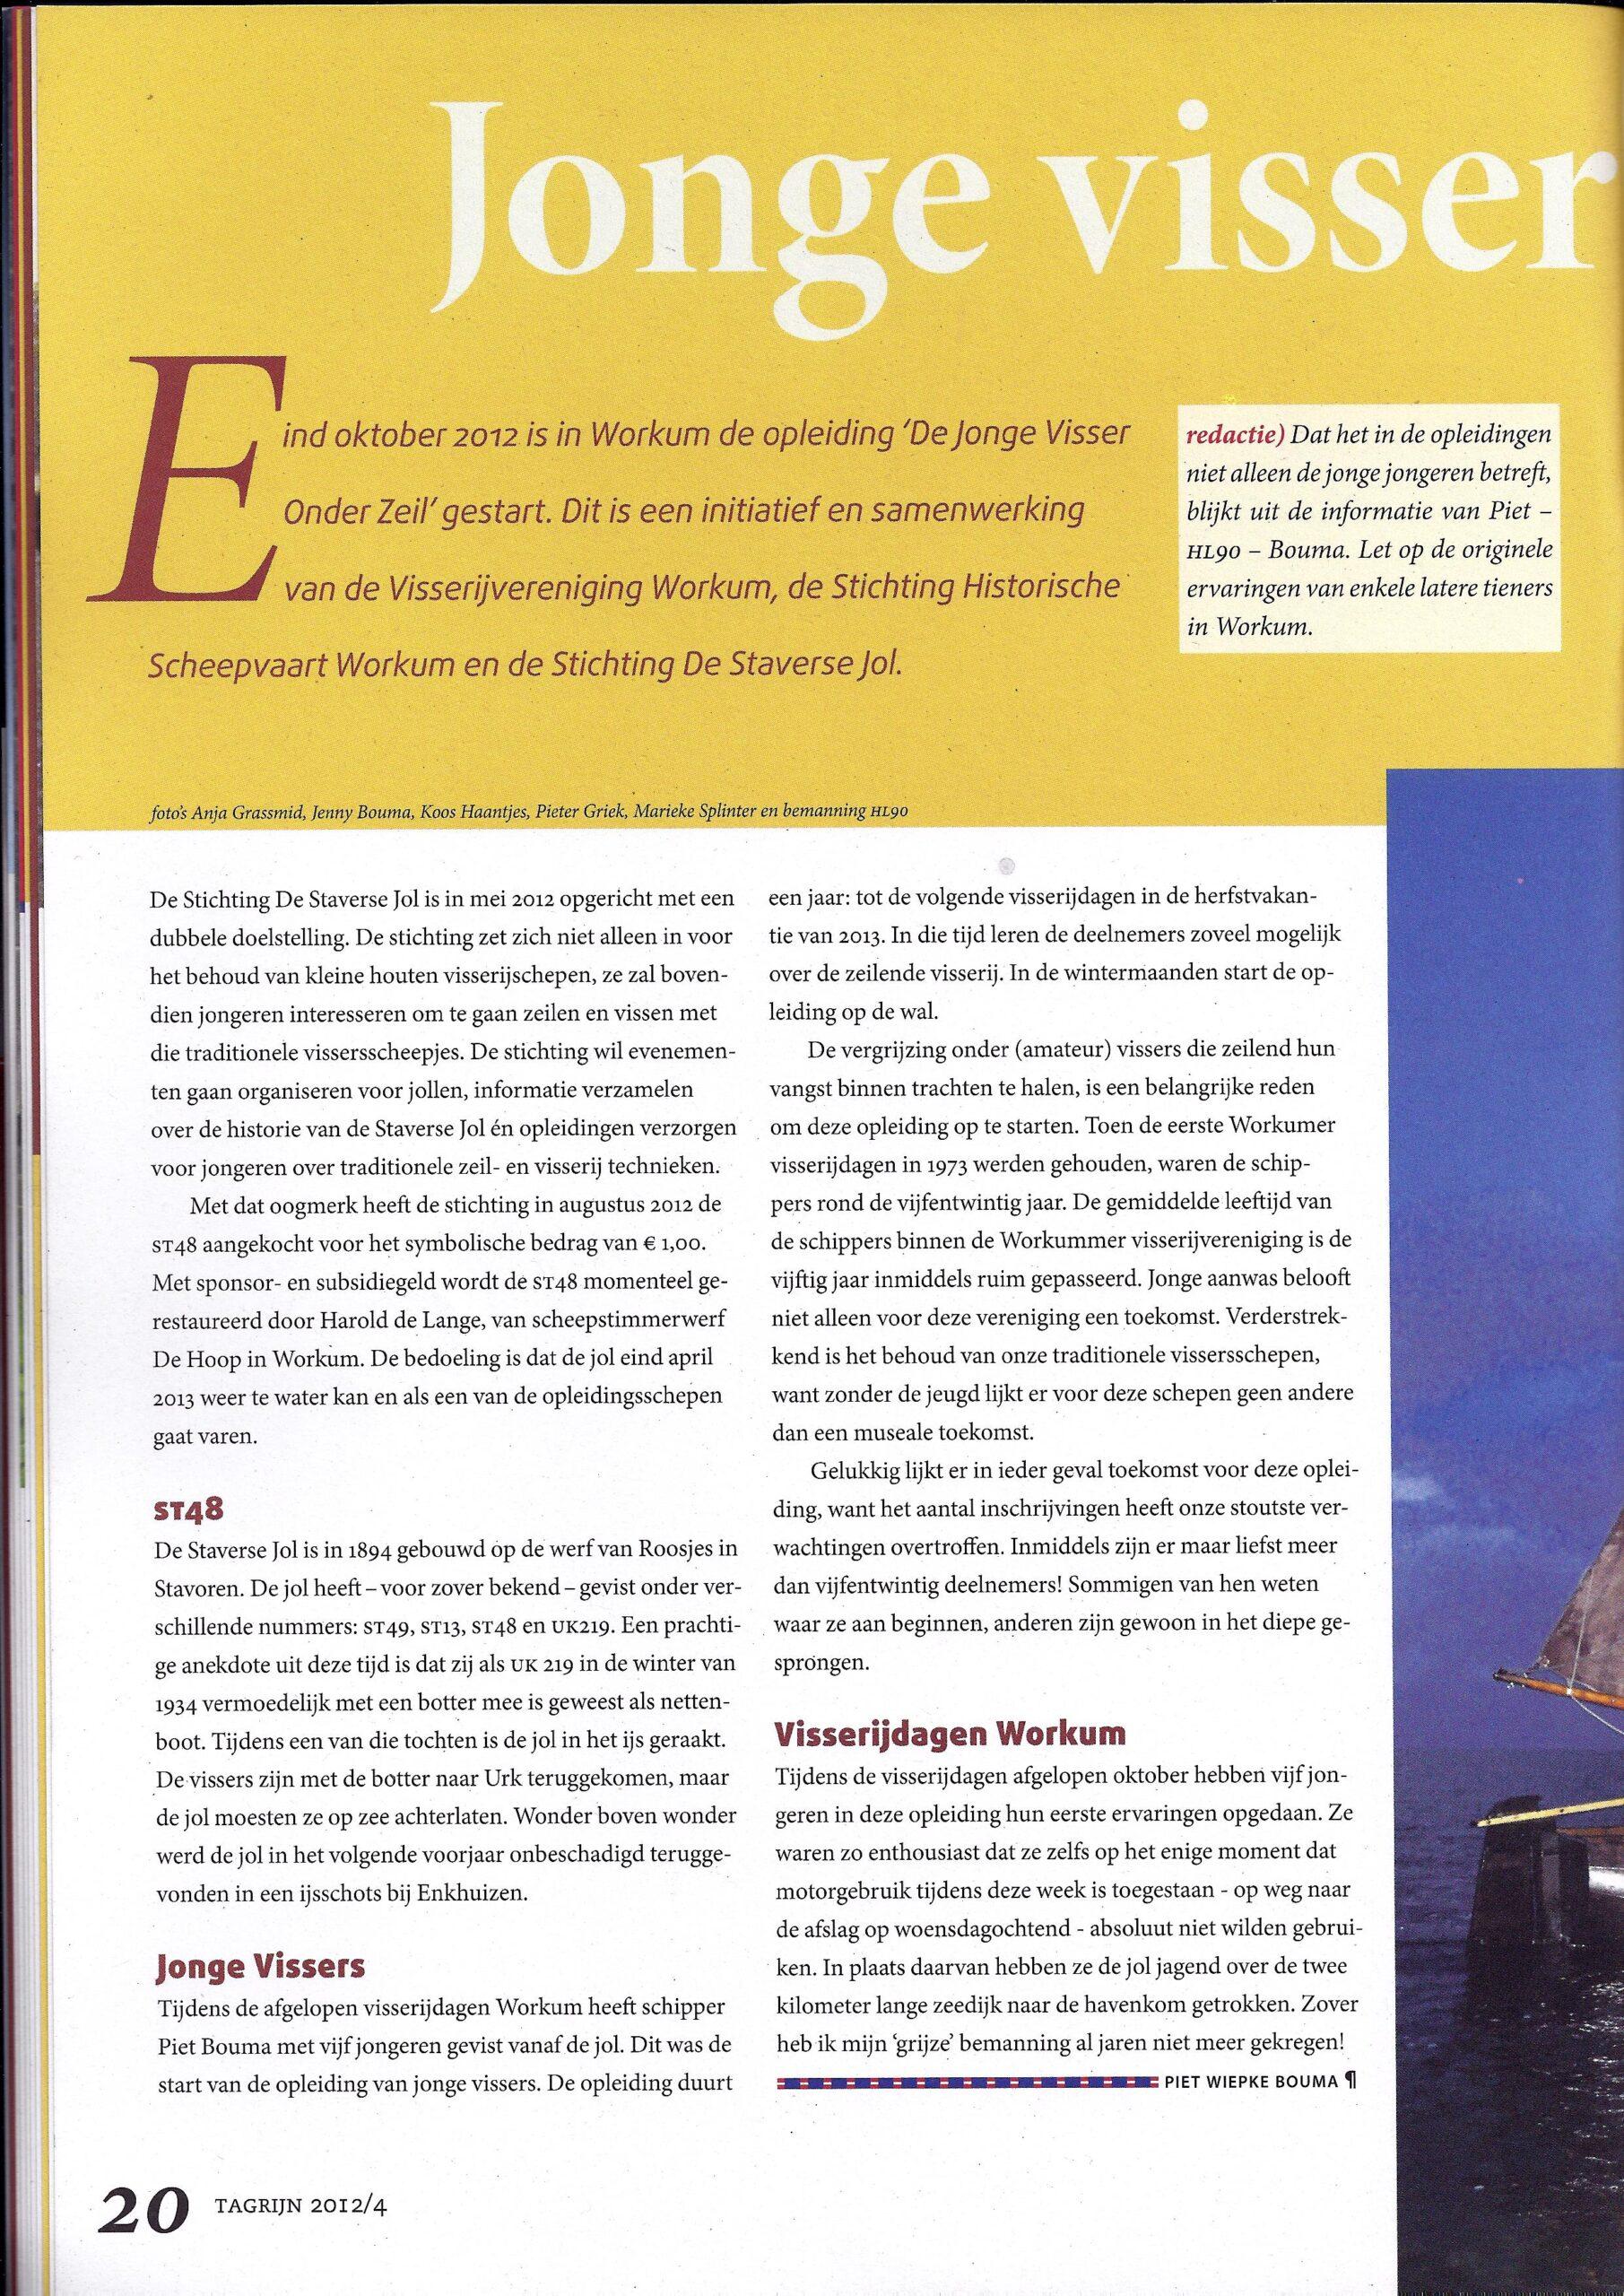 Tagrijn 2012 Jonge Visser onder zeil | Pagina 1.